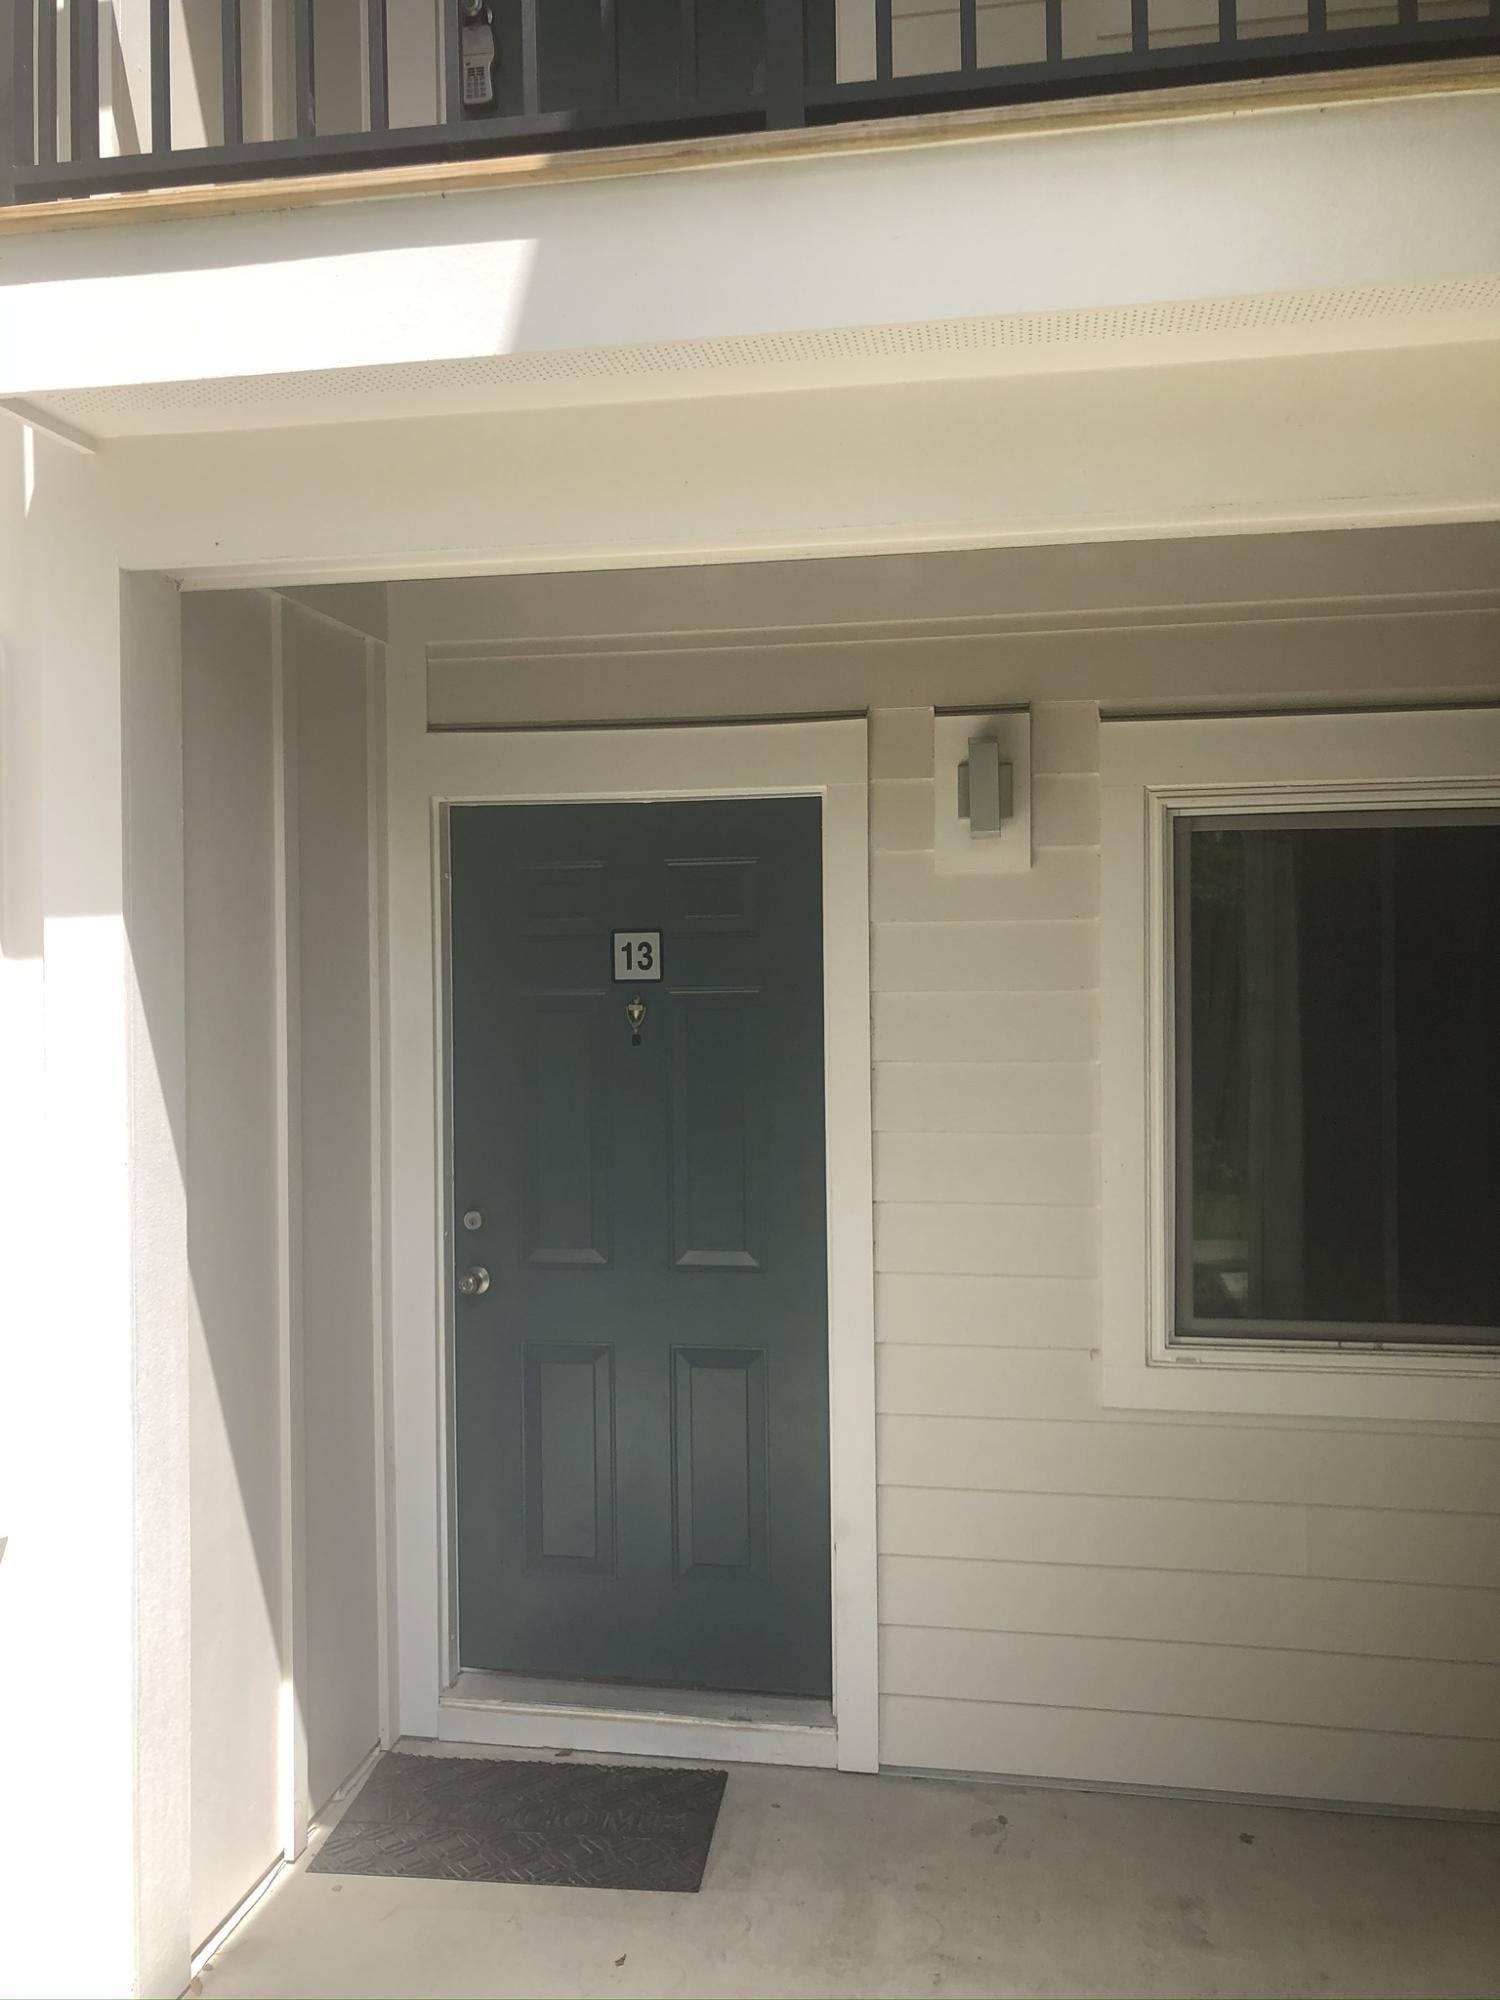 East Bridge Town Lofts Homes For Sale - 265 Alexandra, Mount Pleasant, SC - 7